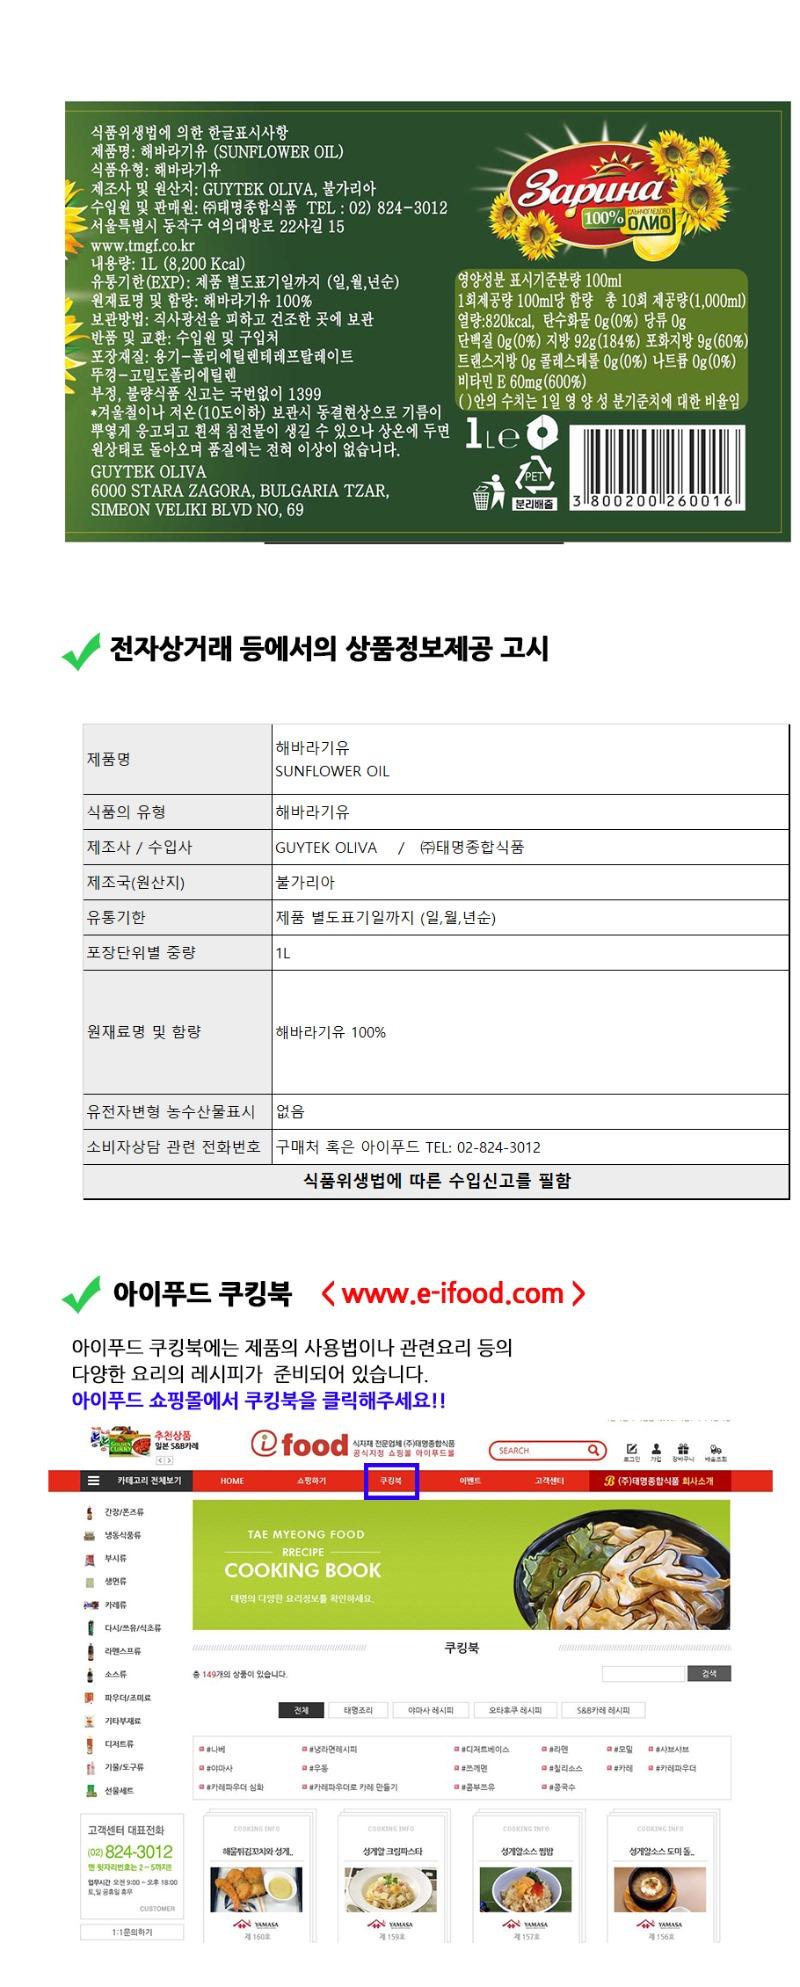 해바라기유 선물셋트1 상품정보2.jpg